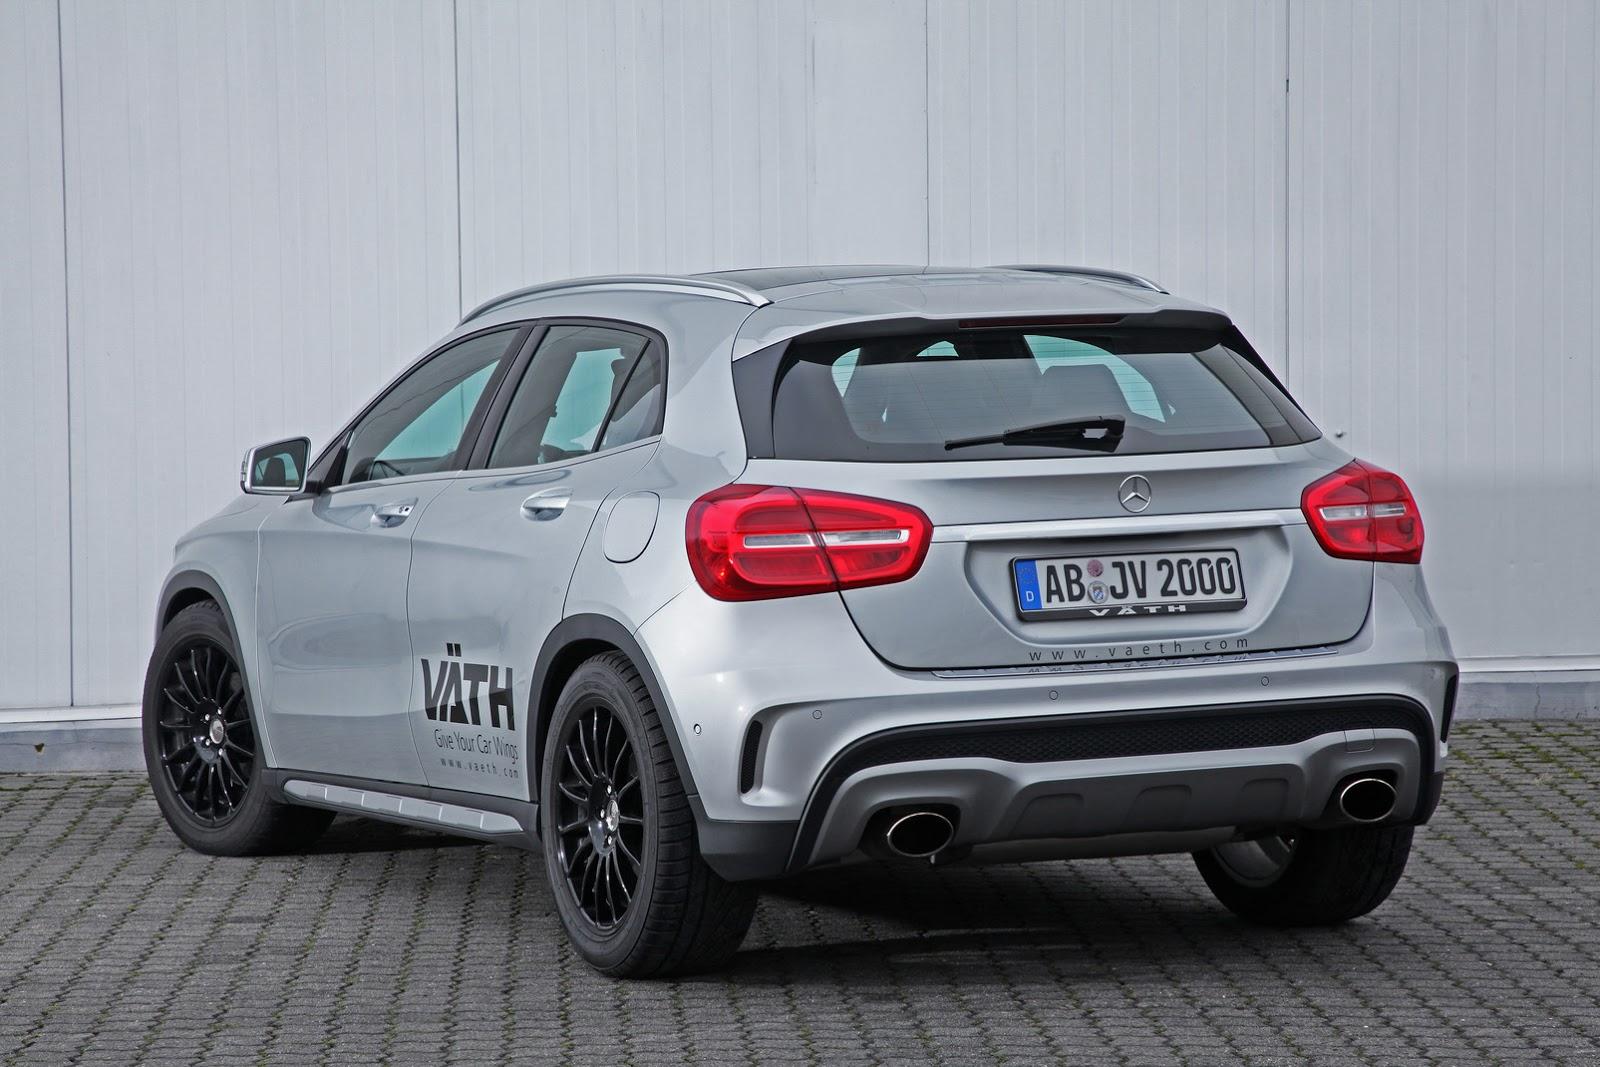 Väth Mercedes GLA 200: El chispazo adicional que estabas esperando 2